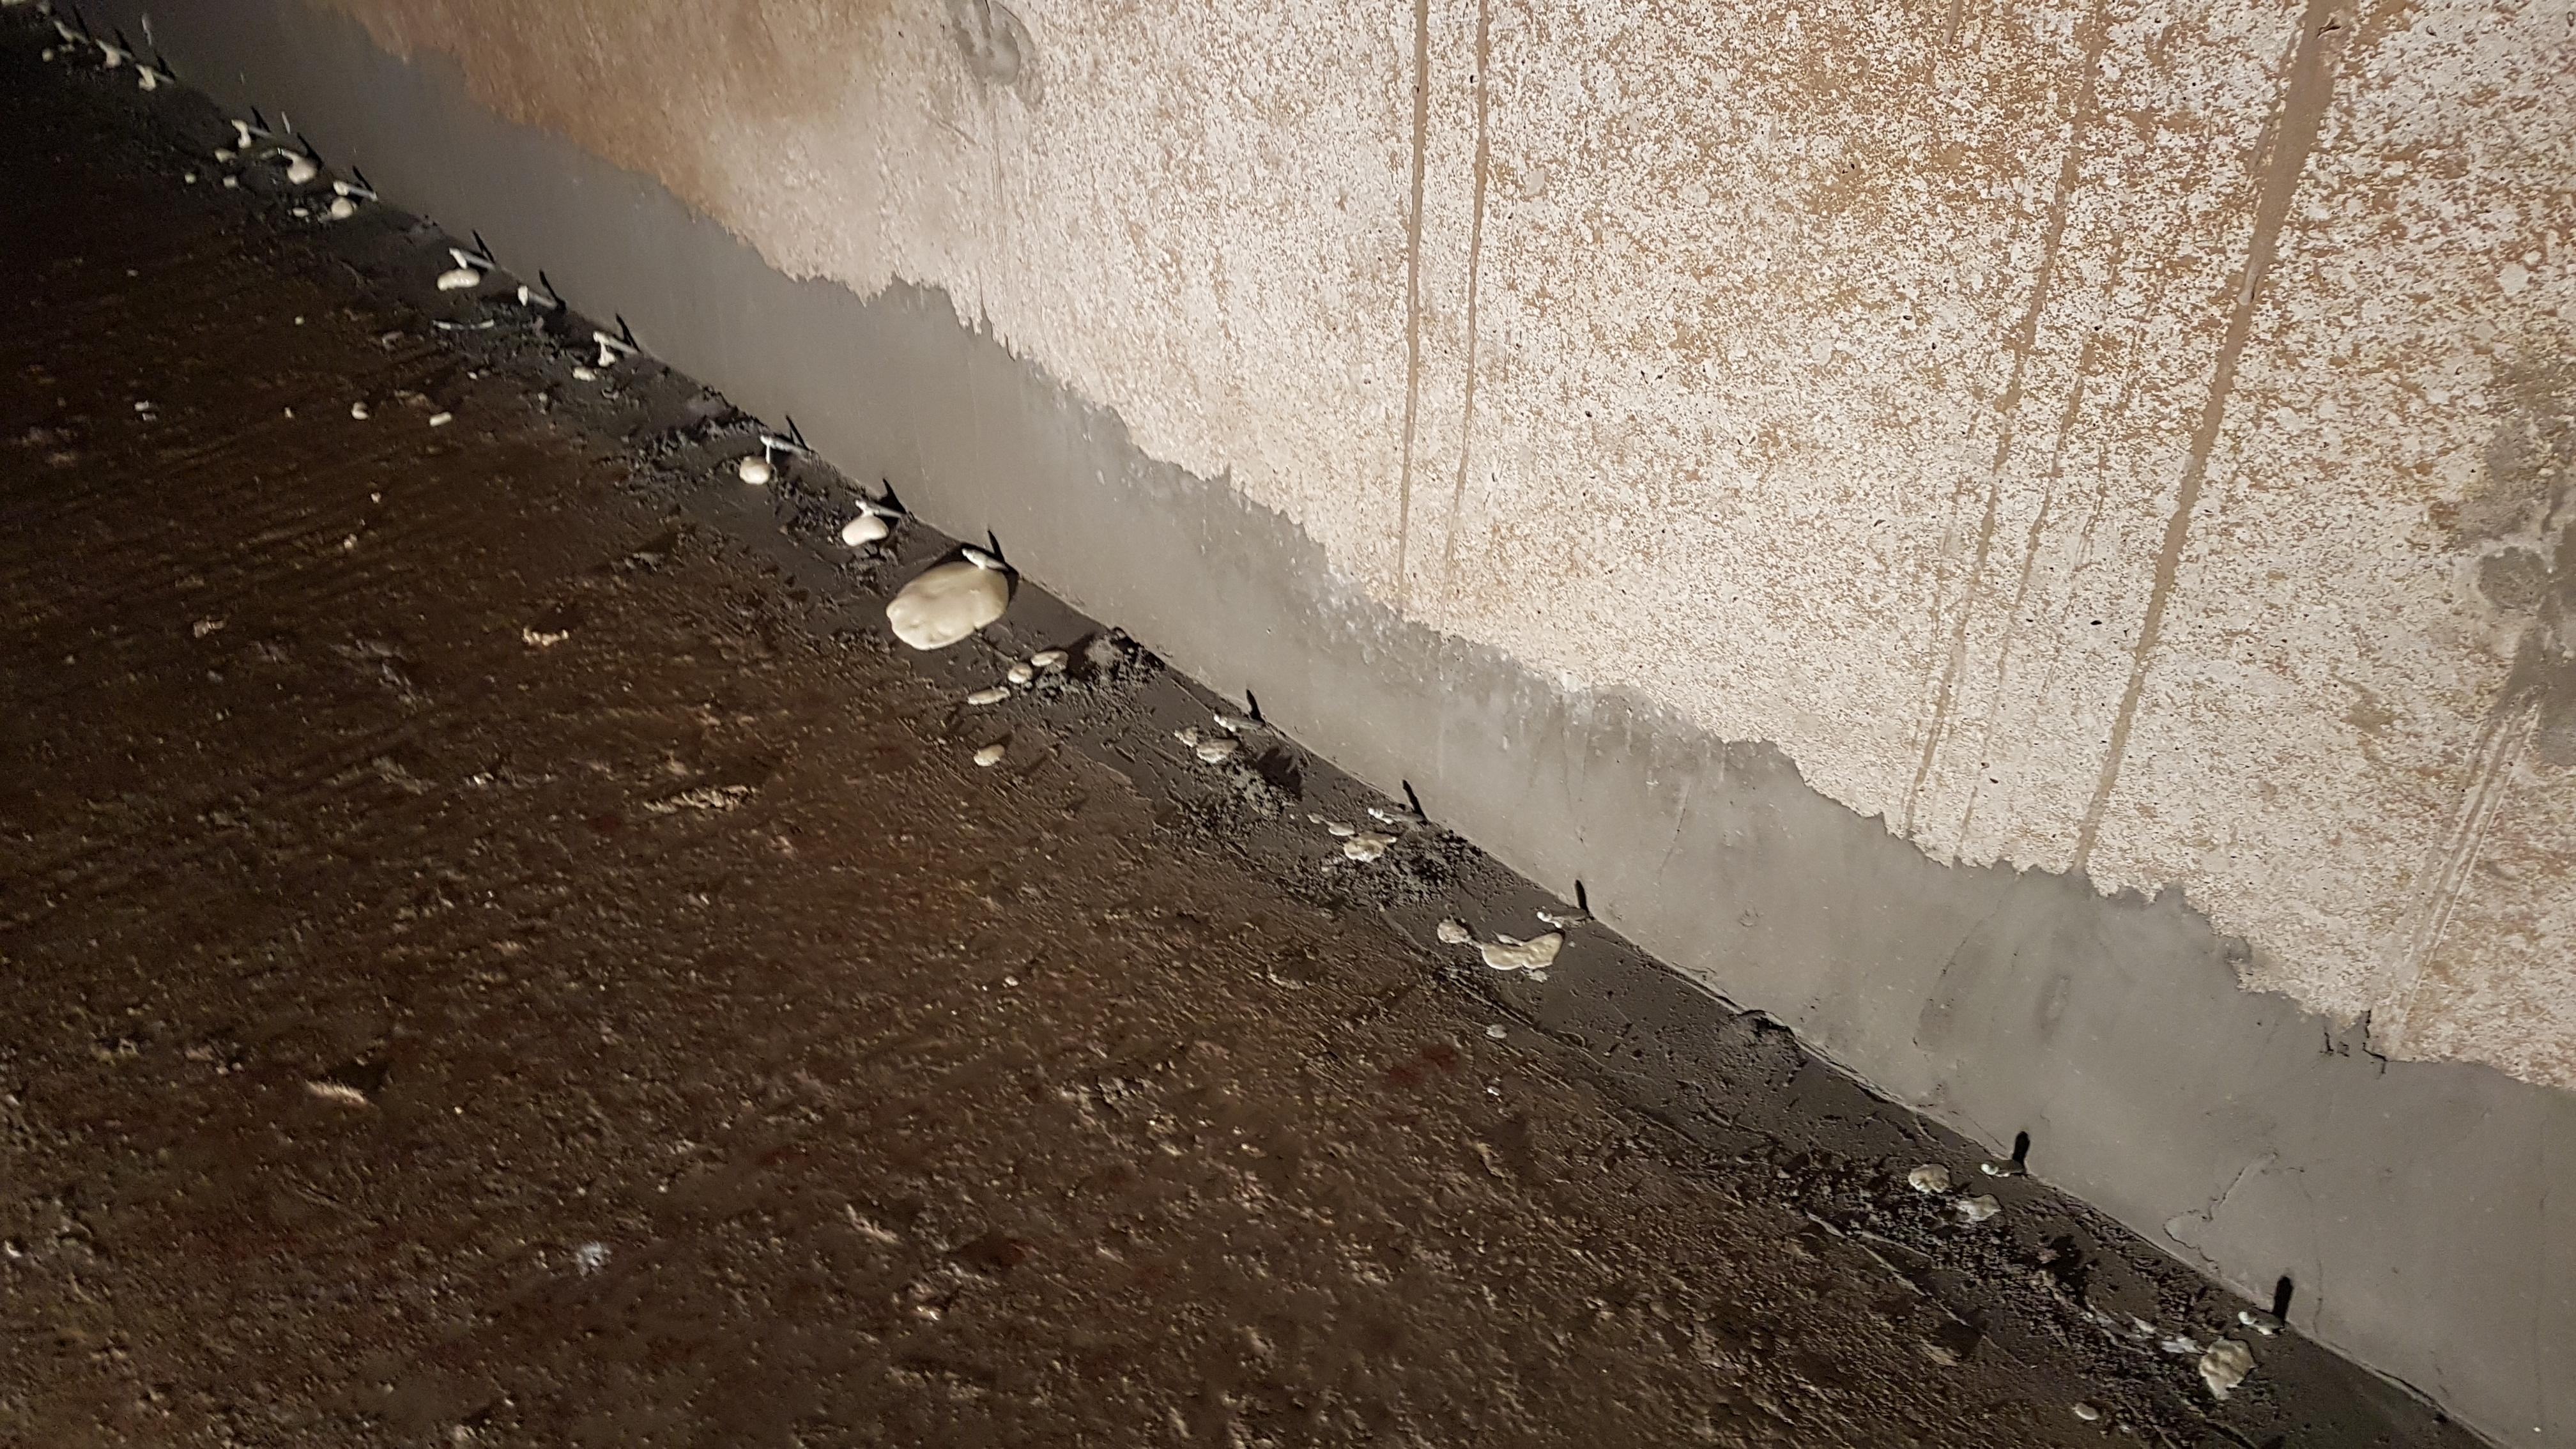 Uszczelnienie rys, pęknięć i przejść wody, metodą iniekcji ciśnieniowej żywicą poliuretanową dwuskładnikową KÖSTER 2 IN 1 Realizacja zbiorniki ppoż Katowice